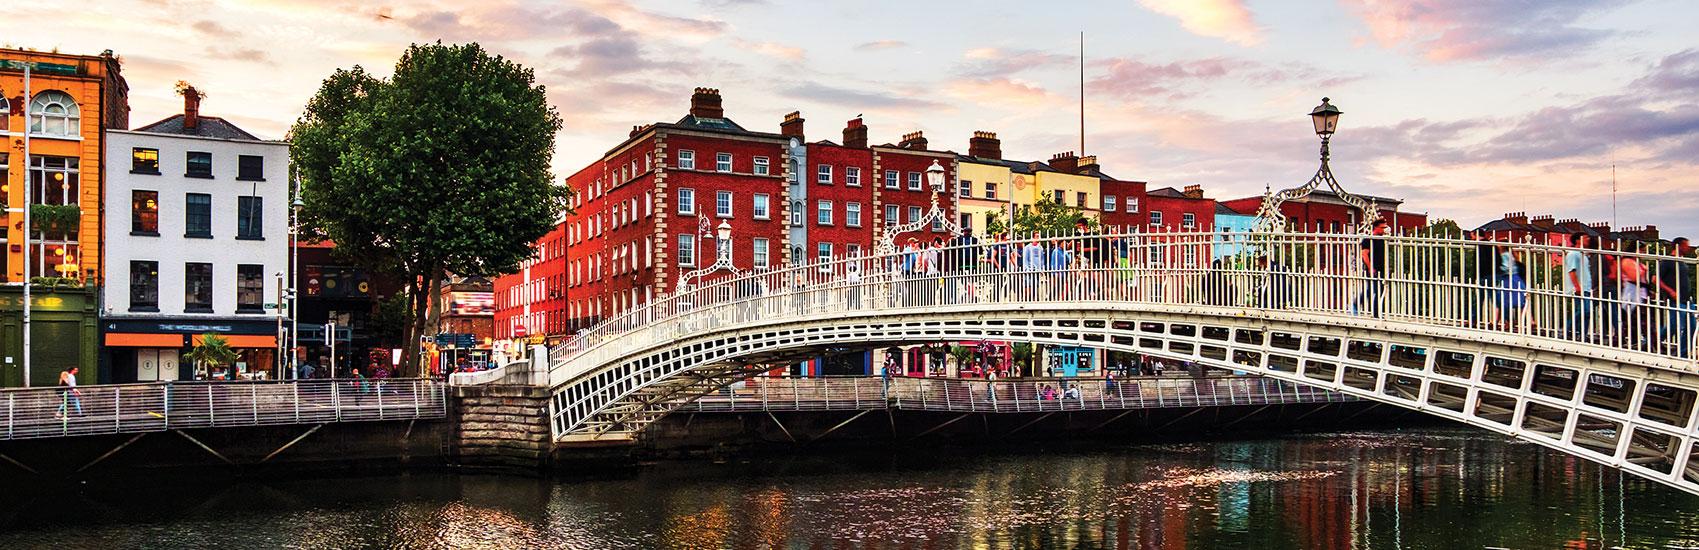 Explore Ireland 0